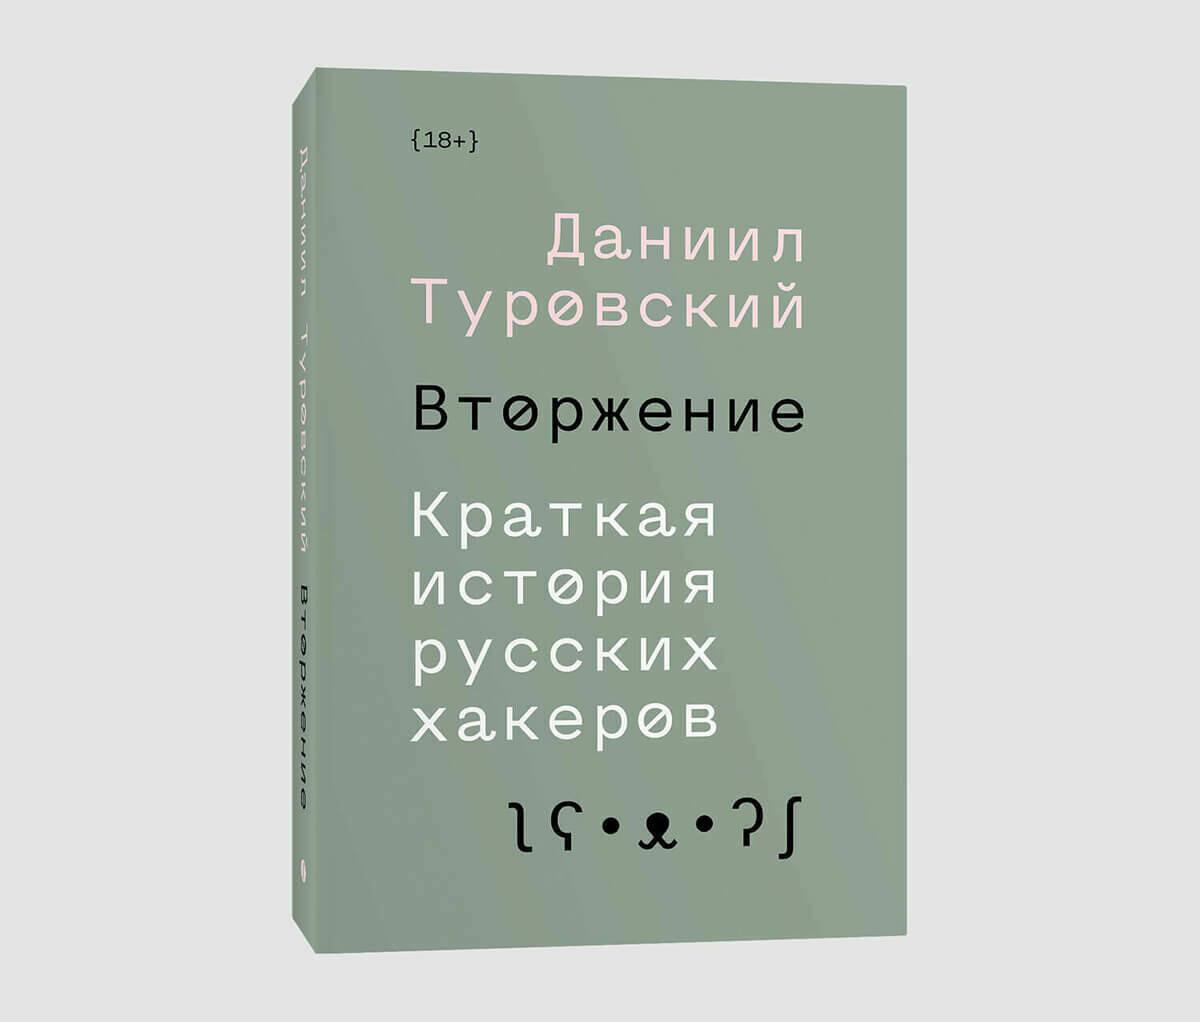 Книга «Вторжение. Краткая история русских хакеров» Даниила Туровского